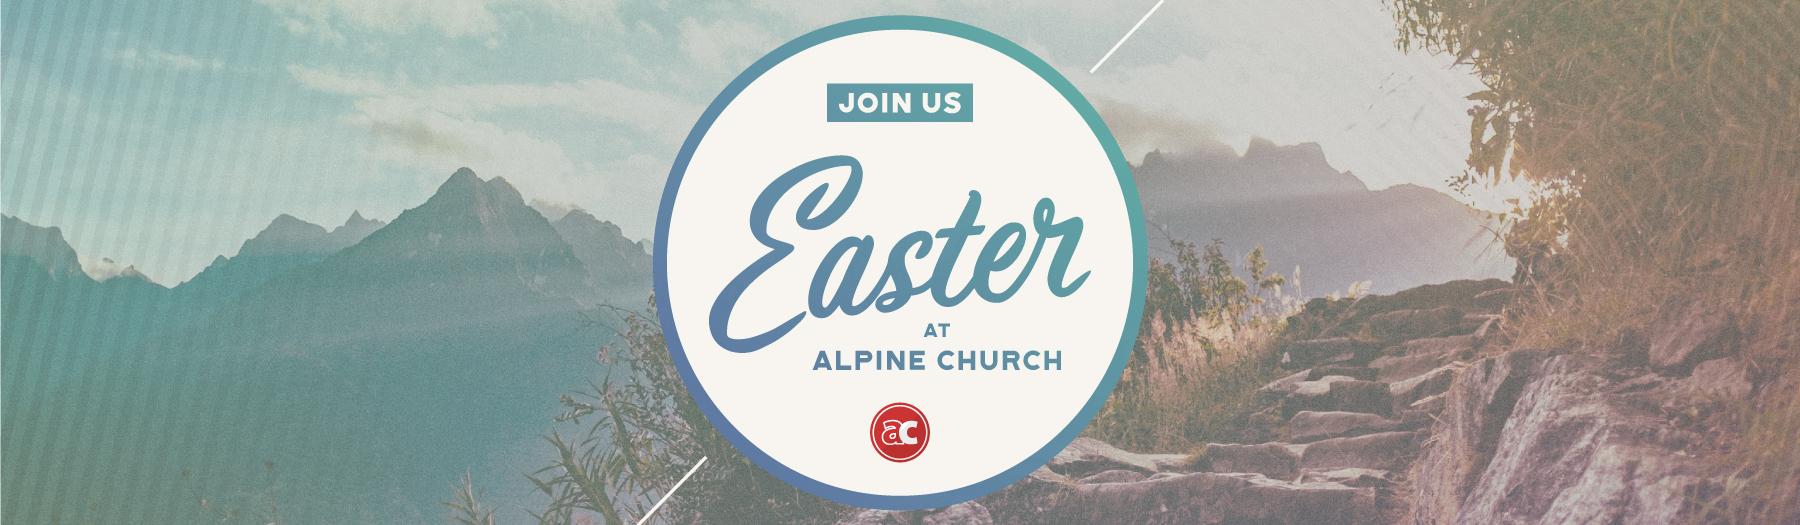 Easter-web-banner.jpg